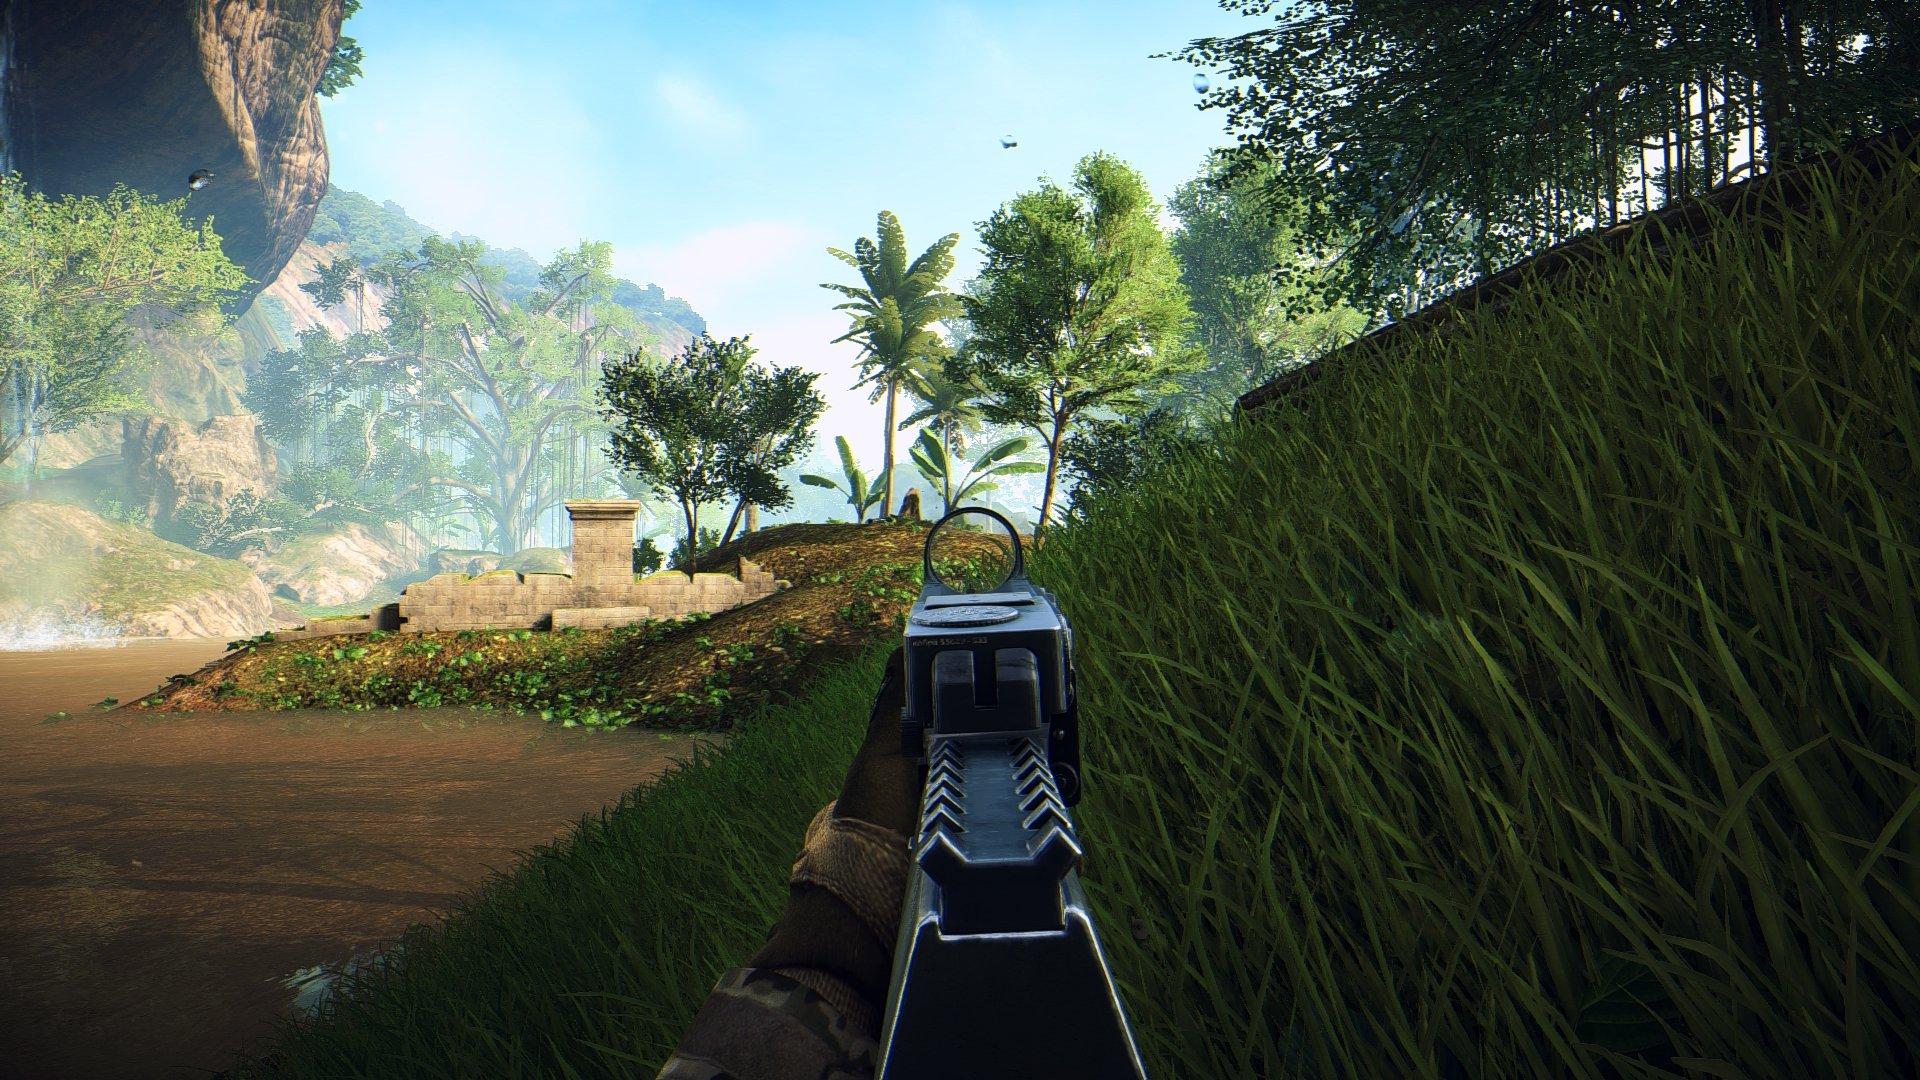 Карта сообщества Battlefield 4 - Изображение 22